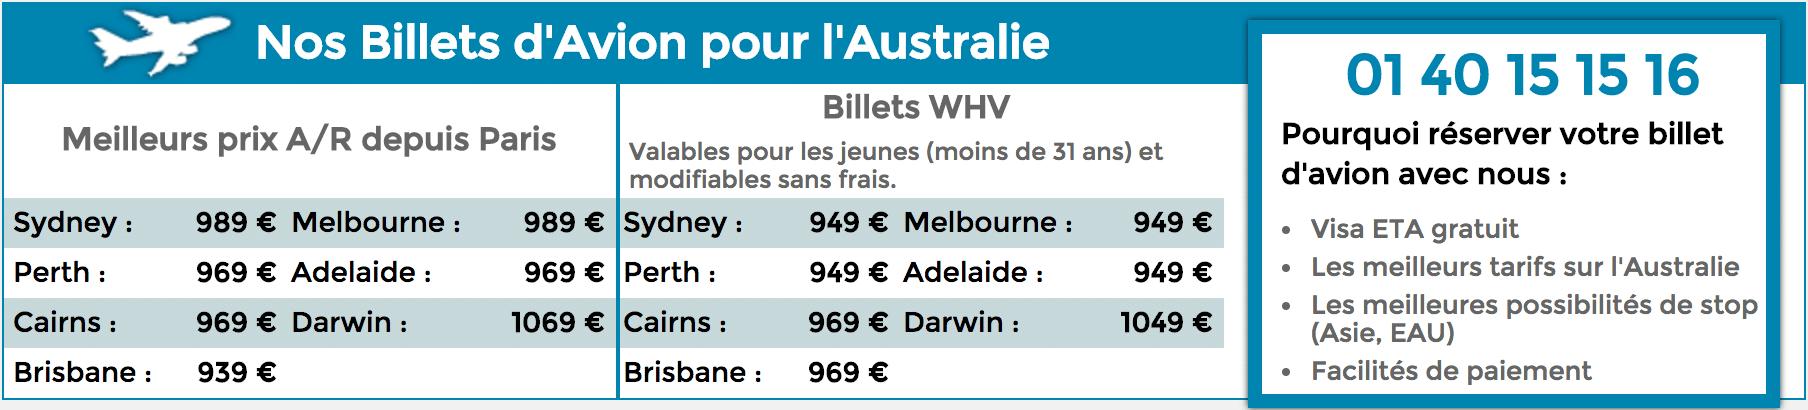 Tarifs billets d'avion australie réduction